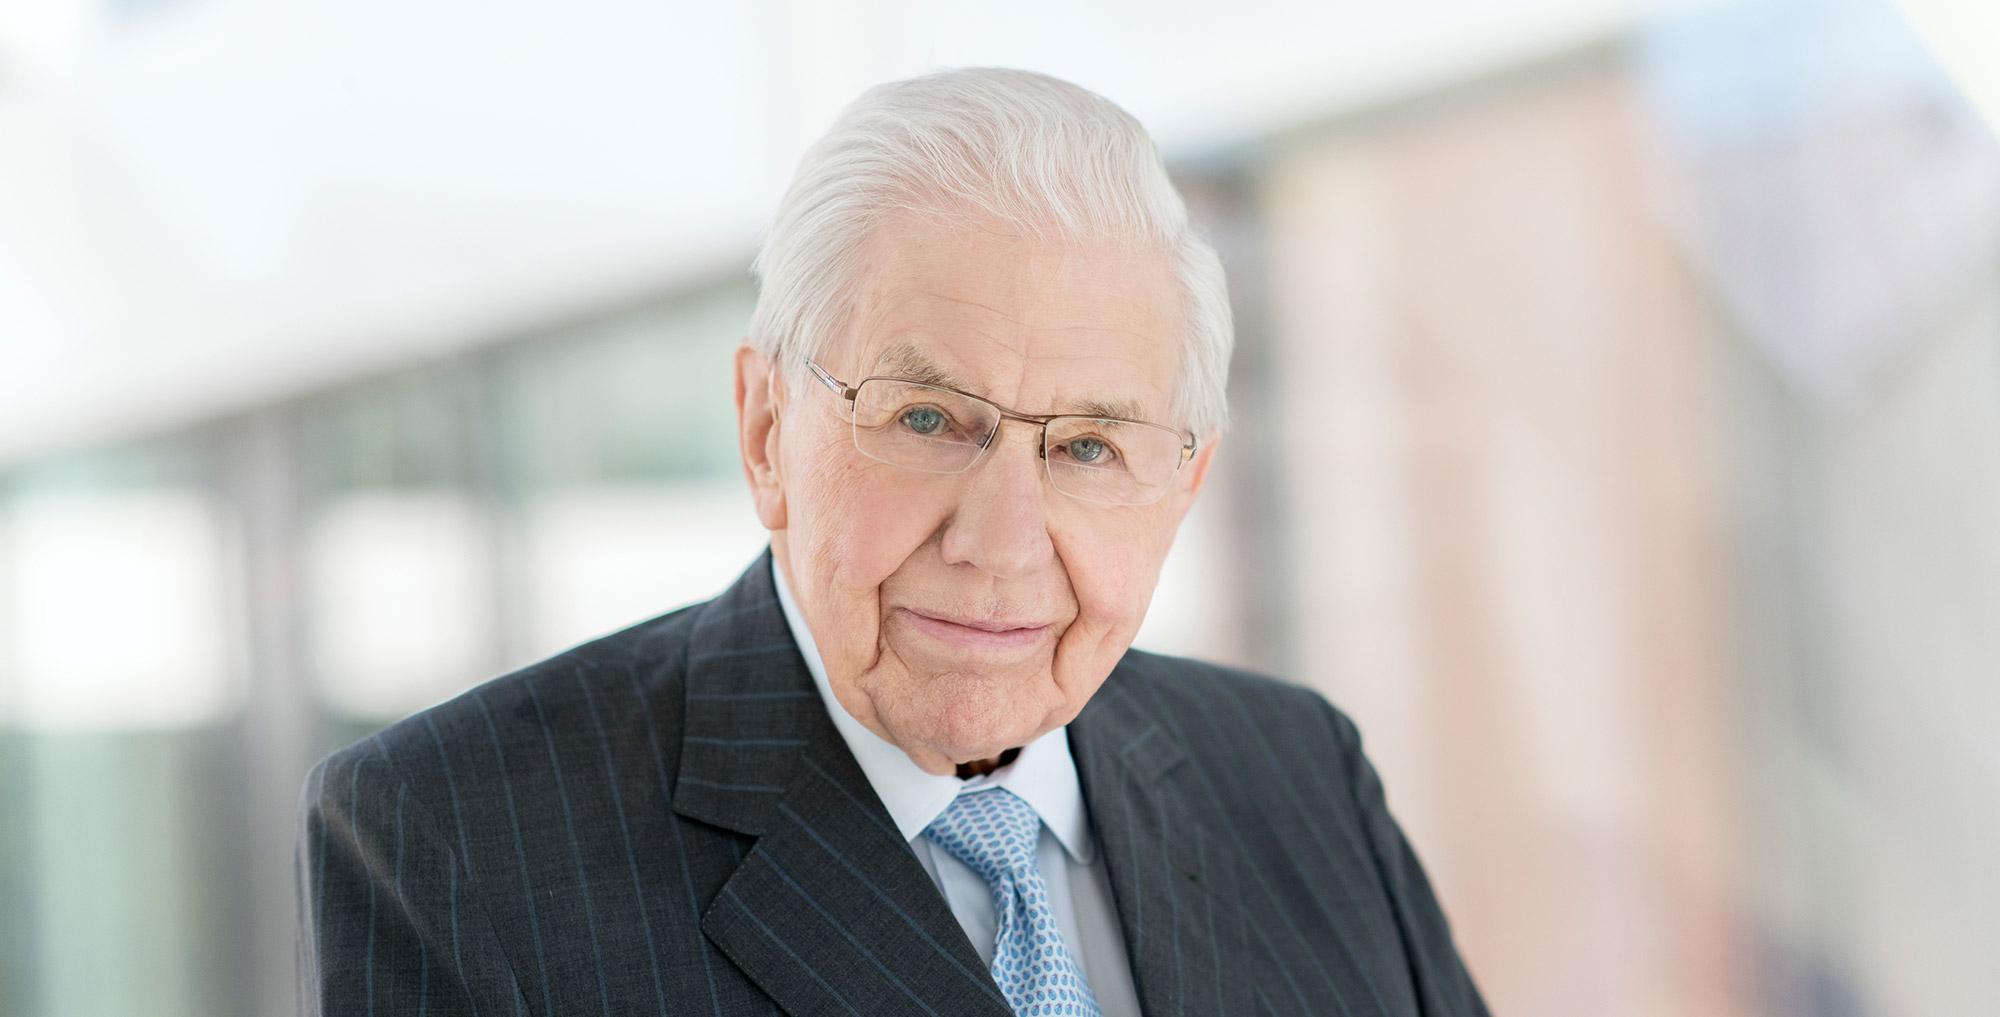 Herzlichen Glückwunsch zum 90-sten, Dr. Peter Zinkann!